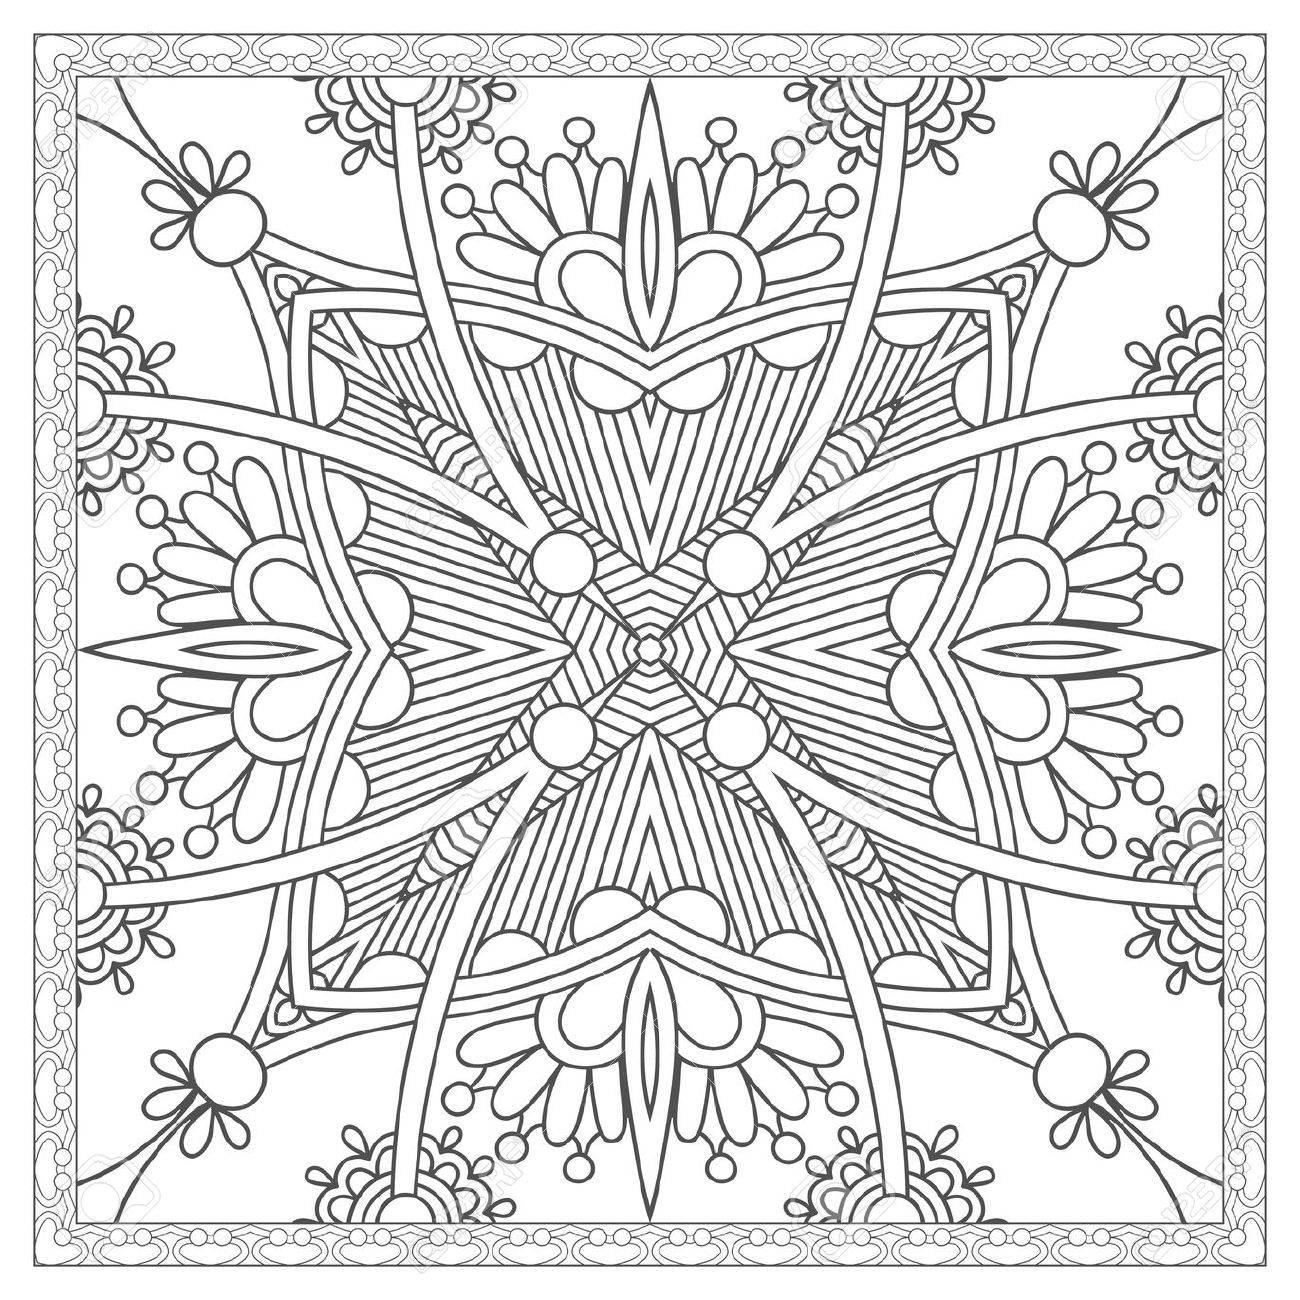 ユニークな塗り絵大人 エスニック花柄カーペット デザインの年齢のお子様大人のカラーリストライン